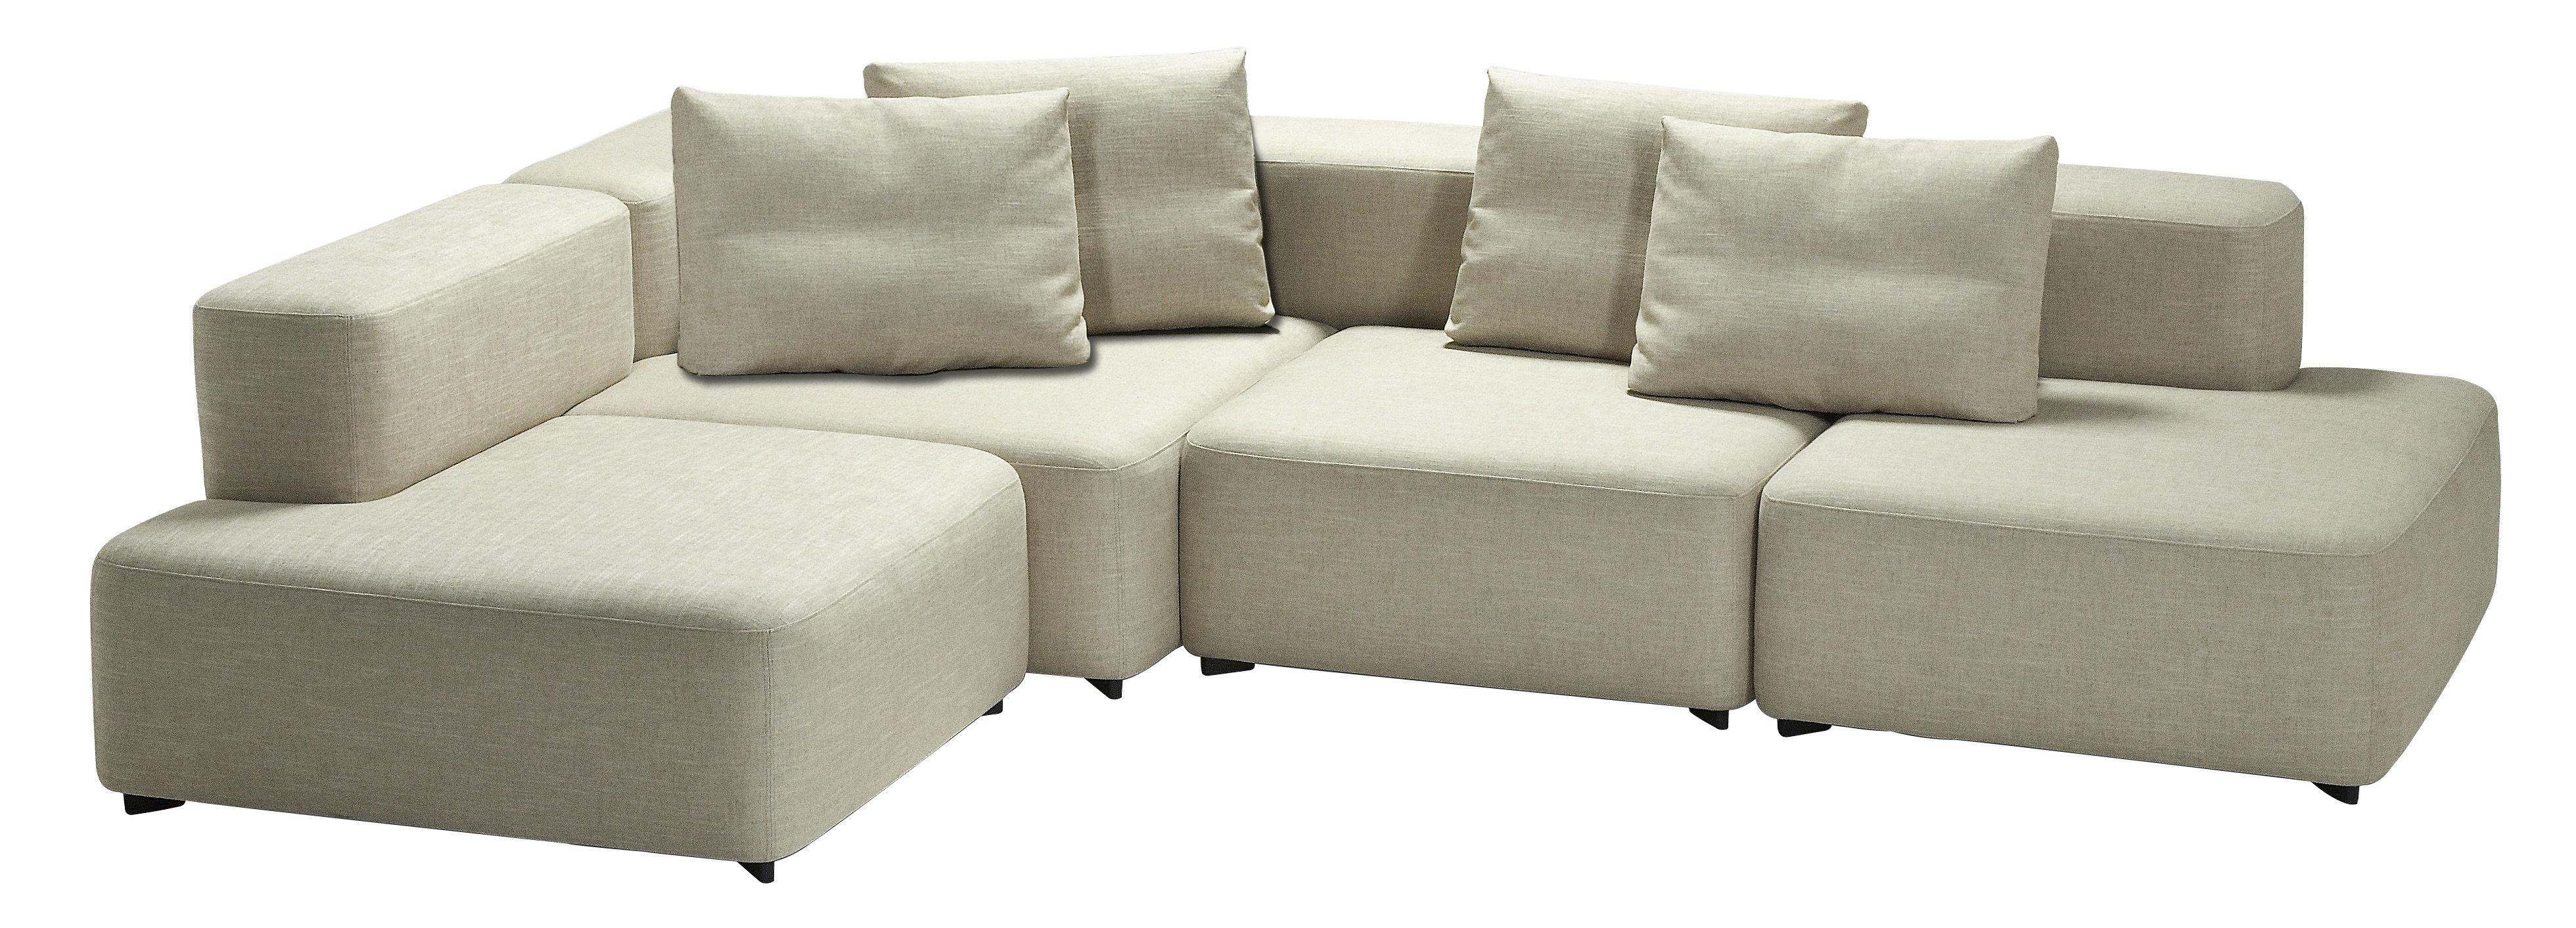 Möbel - Sofas - Alphabet Ecksofa modulares 4-Sitzer Ecksofa - L 300 x T 210 cm - Fritz Hansen - Hellbeige - Kvadrat-Gewebe, Schaumstoff